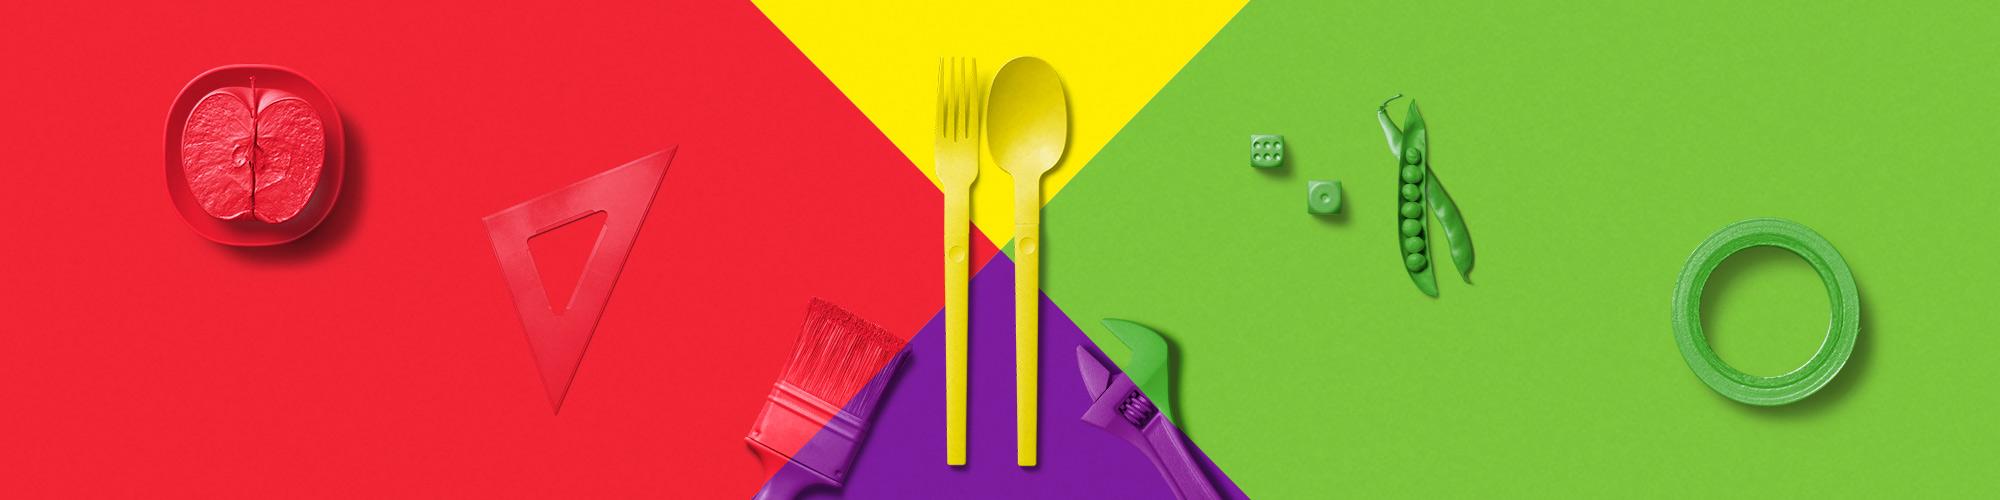 Multicolor-Parts-2000x500-v2